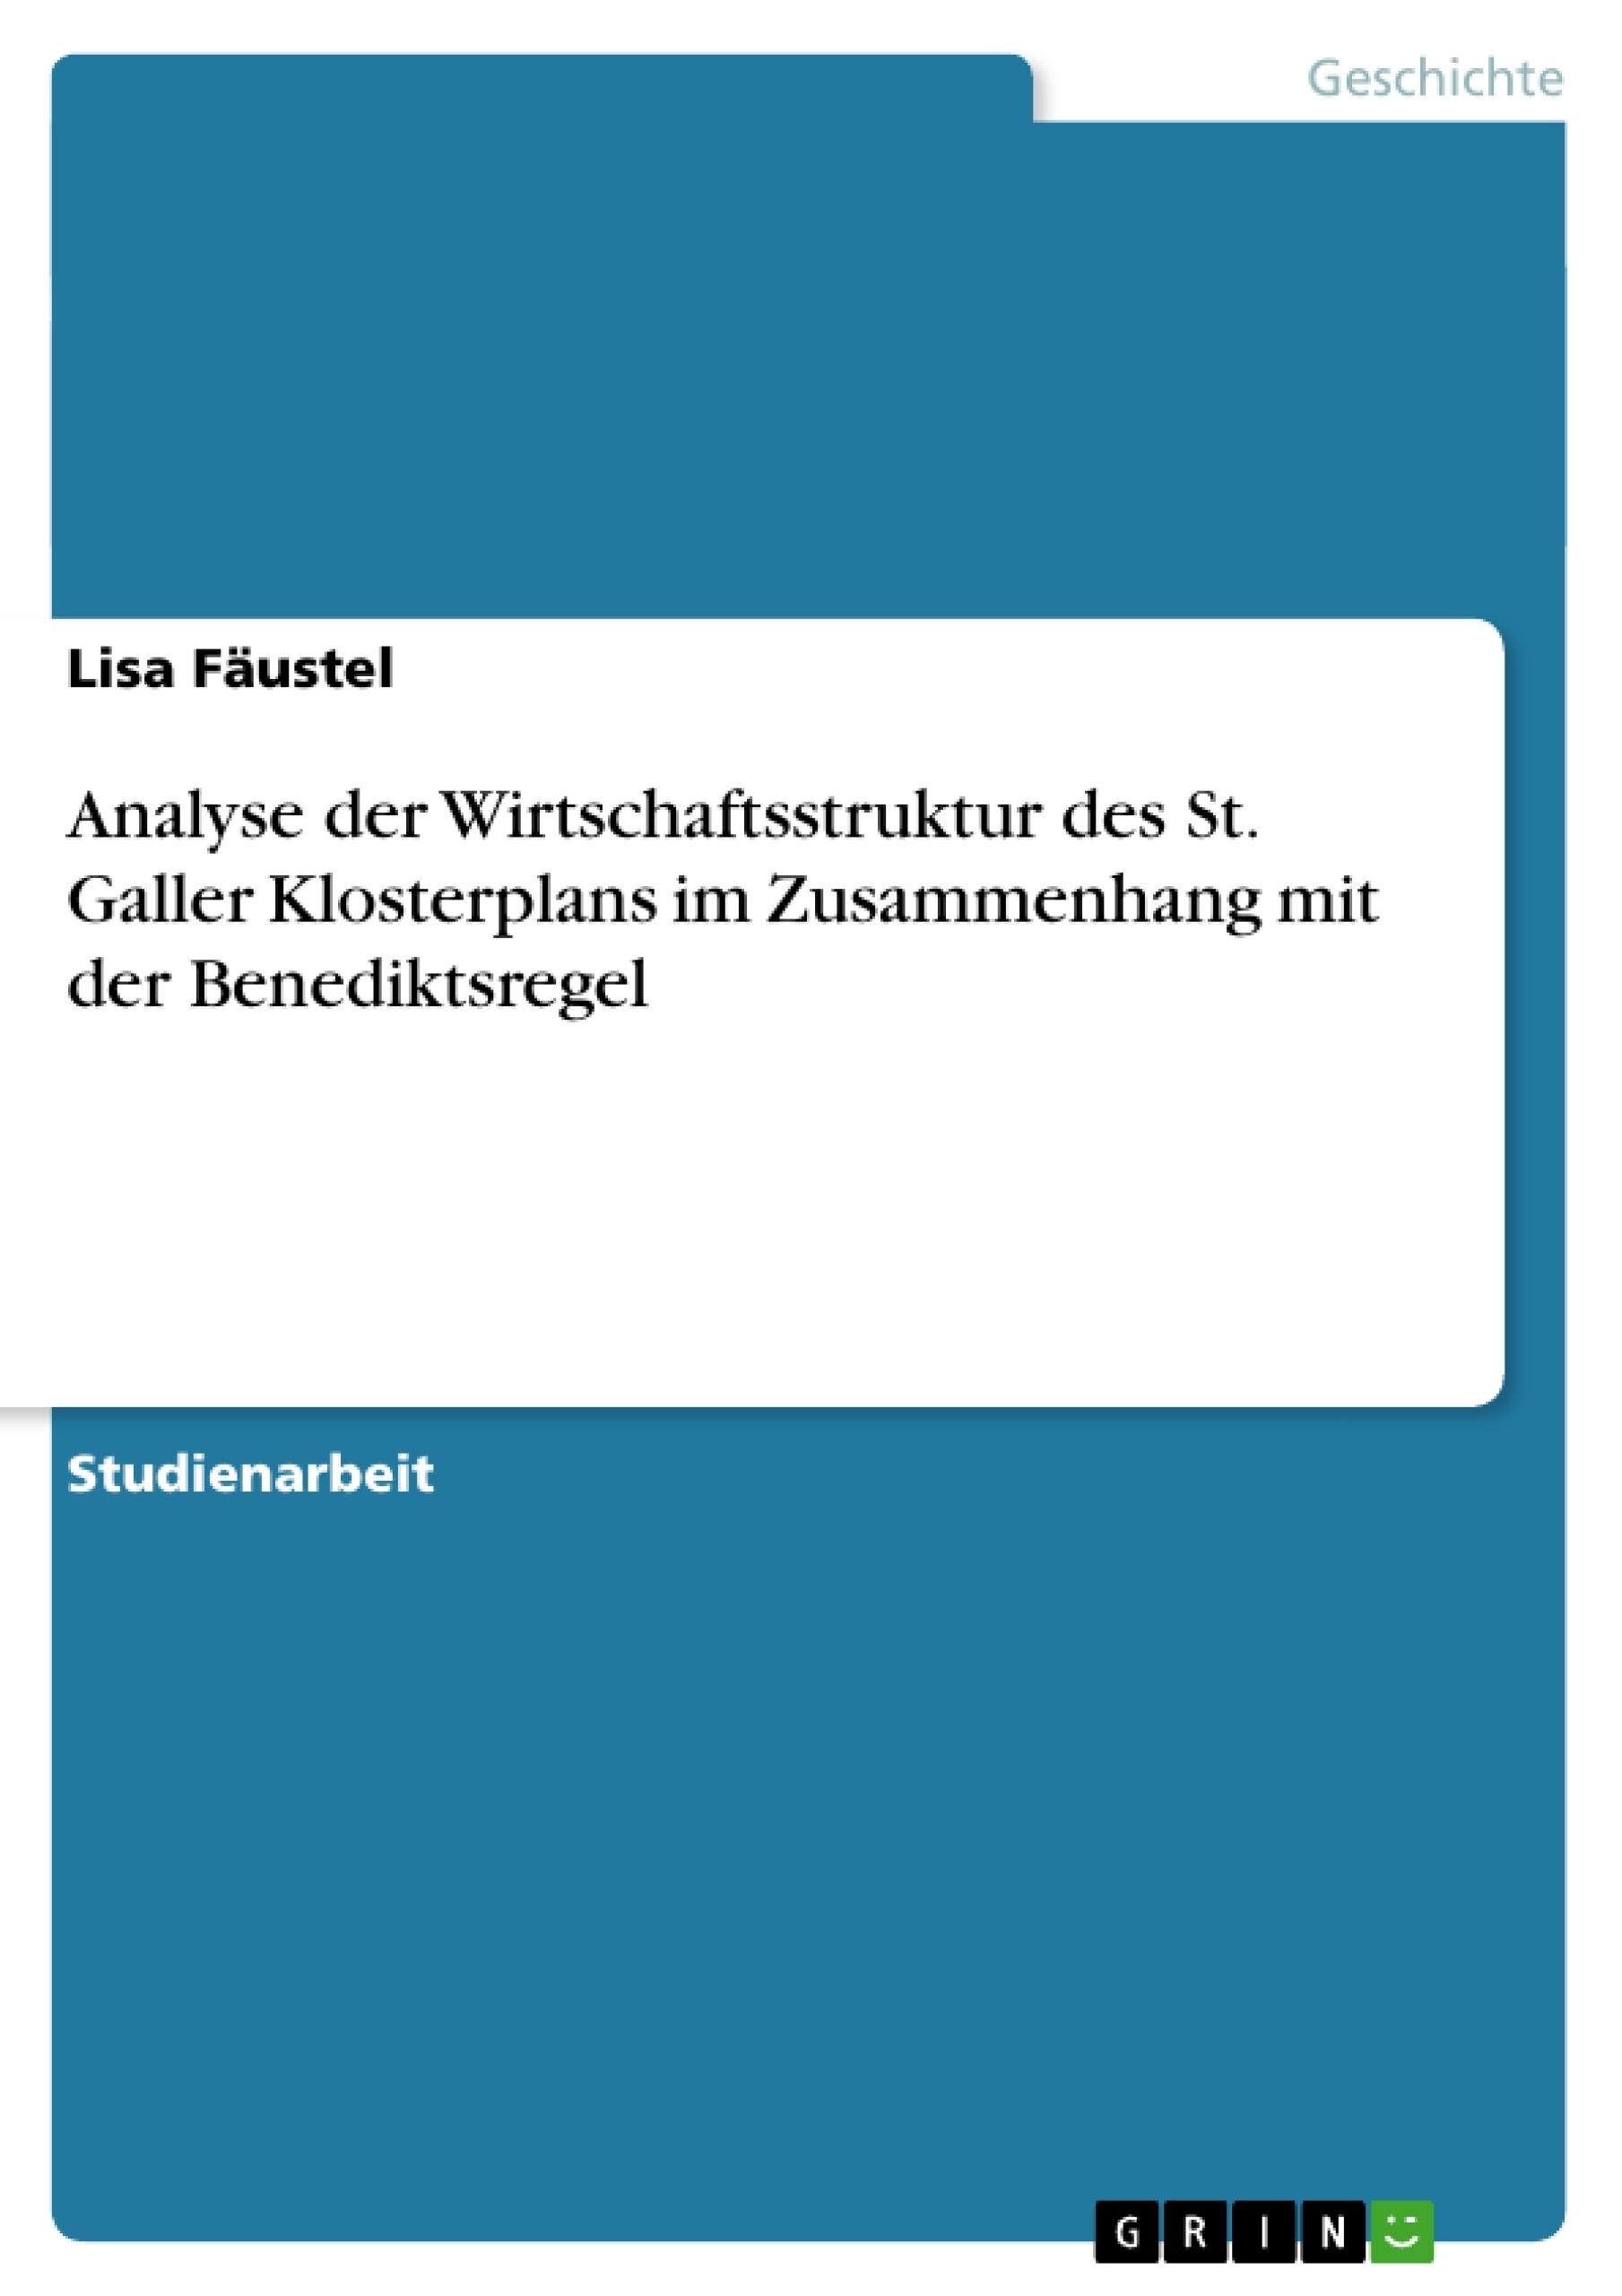 Titel: Analyse der Wirtschaftsstruktur des St. Galler Klosterplans im Zusammenhang mit der Benediktsregel